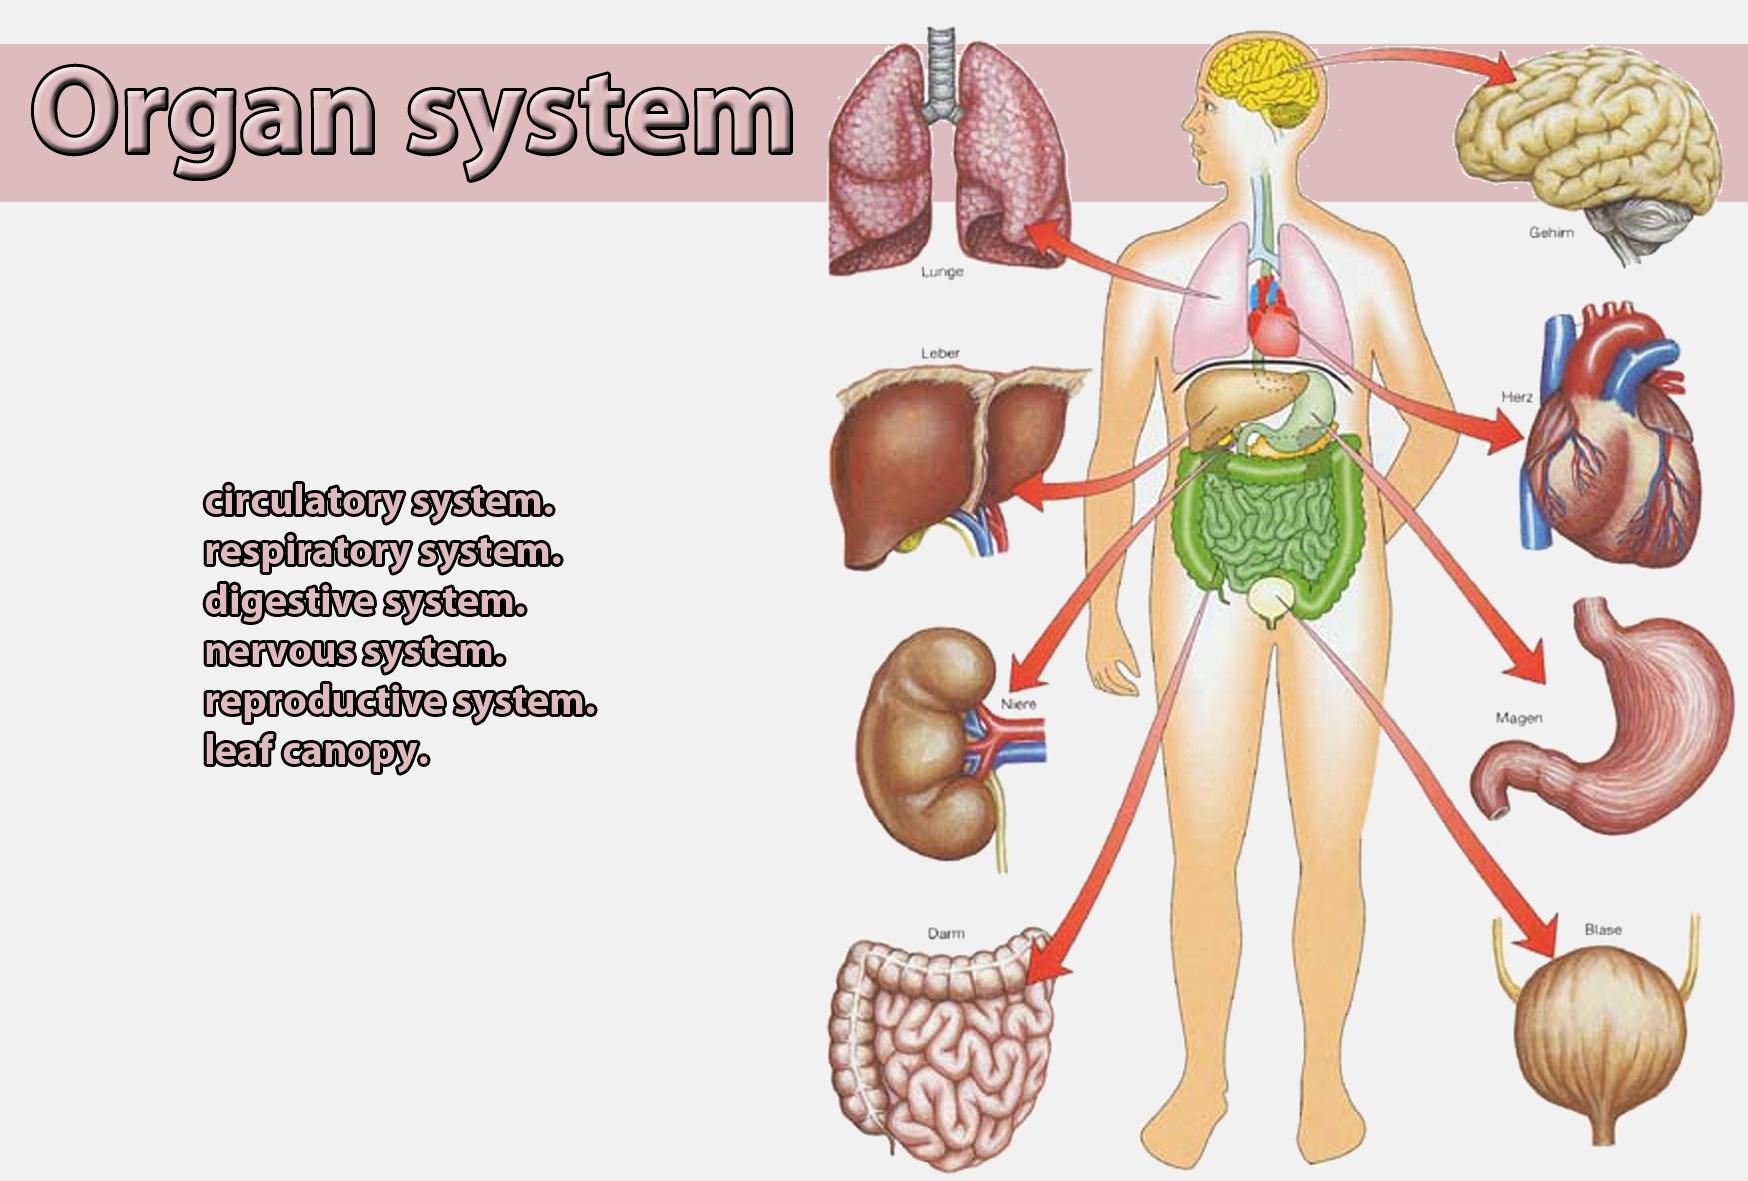 Organ system | Galnet Wiki | FANDOM powered by Wikia